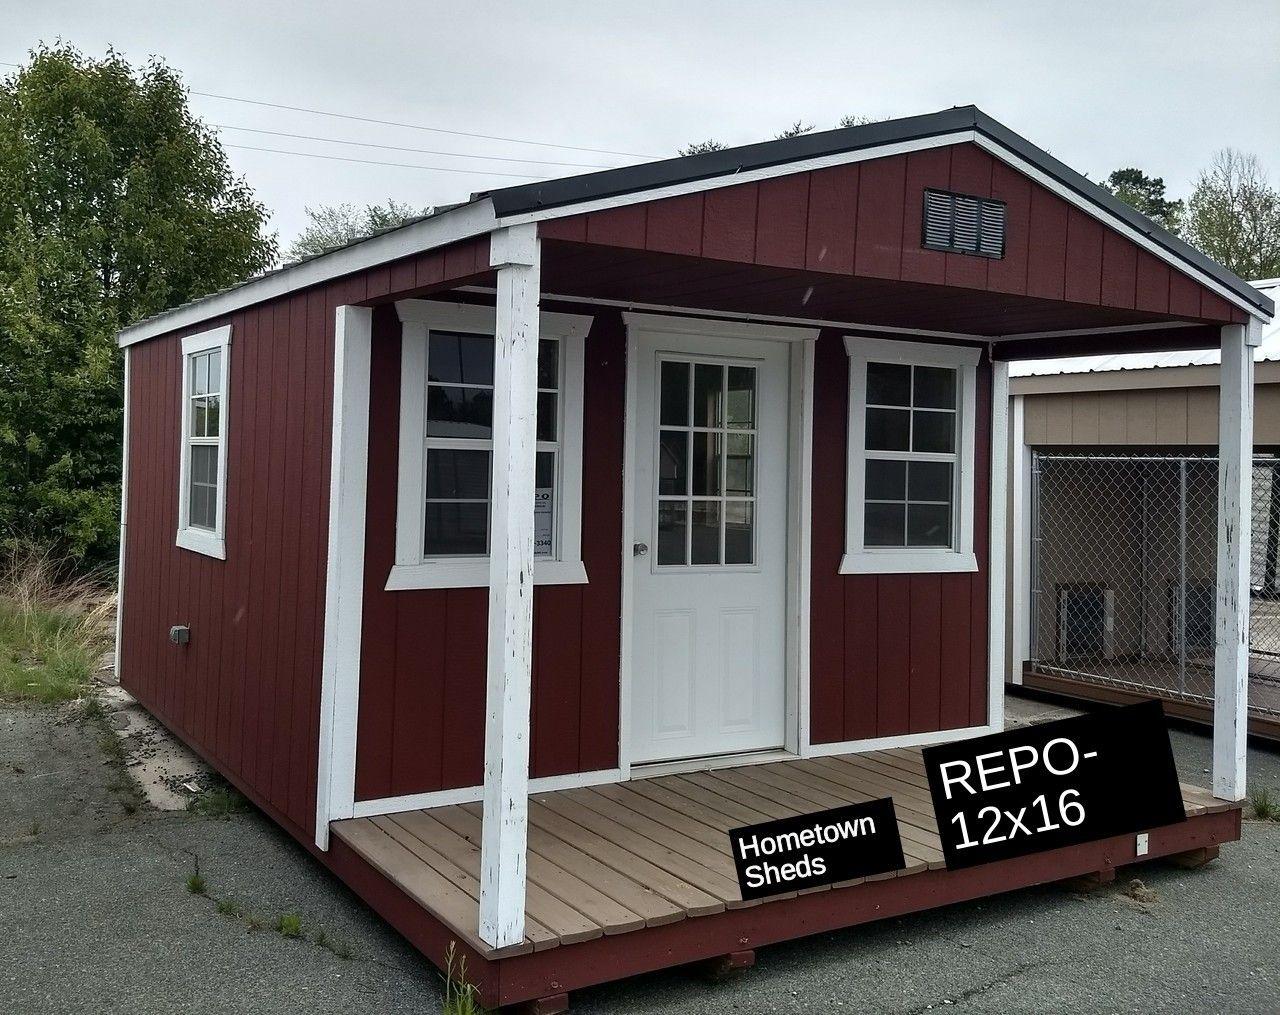 REPOREPOREPOREPOREPOREPO! 12 x 16 Porch Model 4